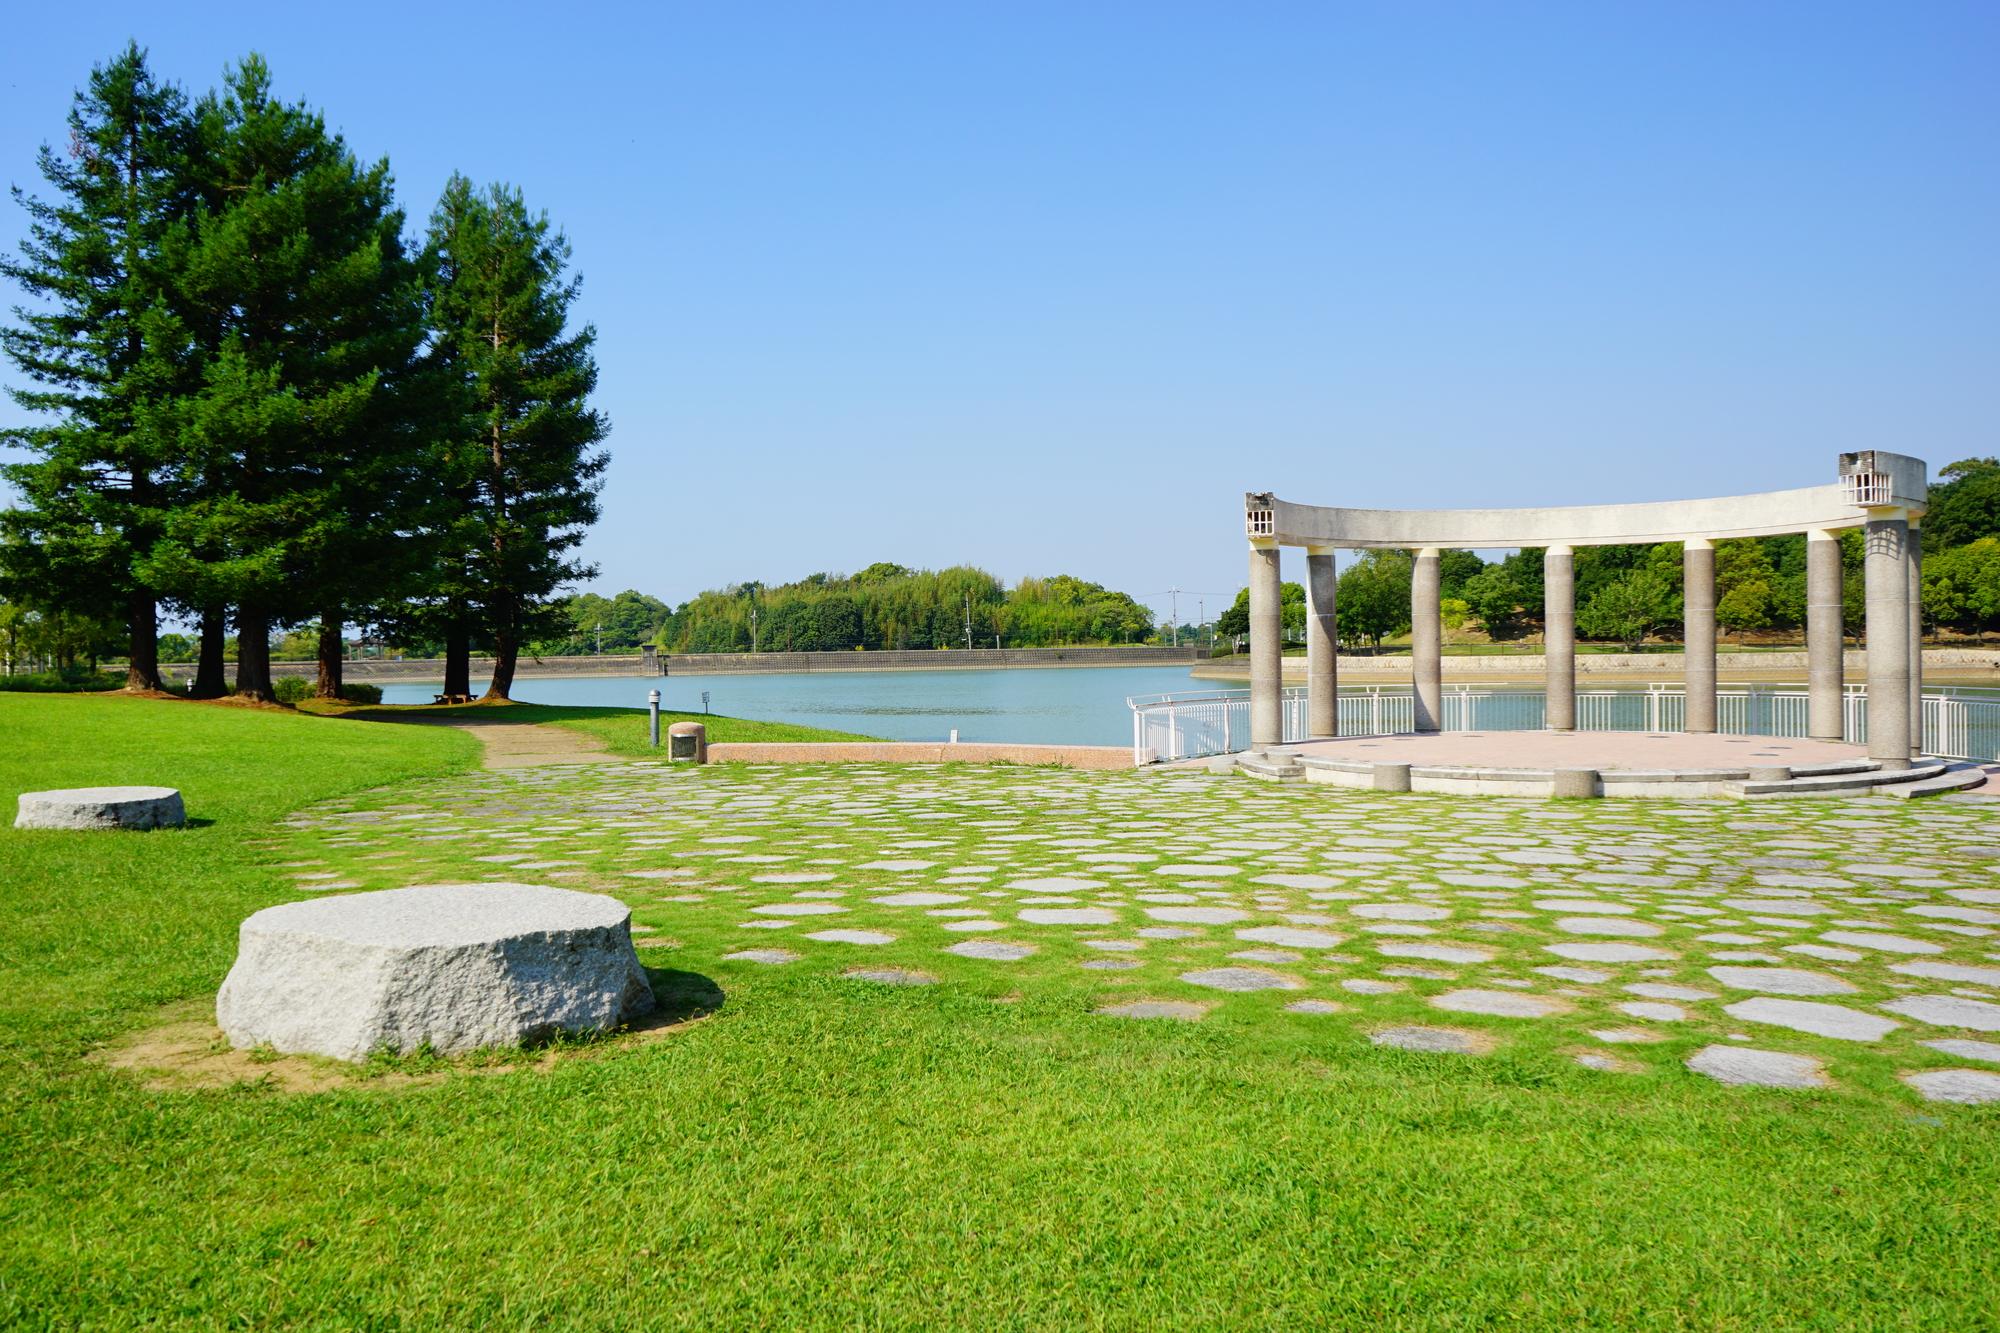 緑の広がる公園